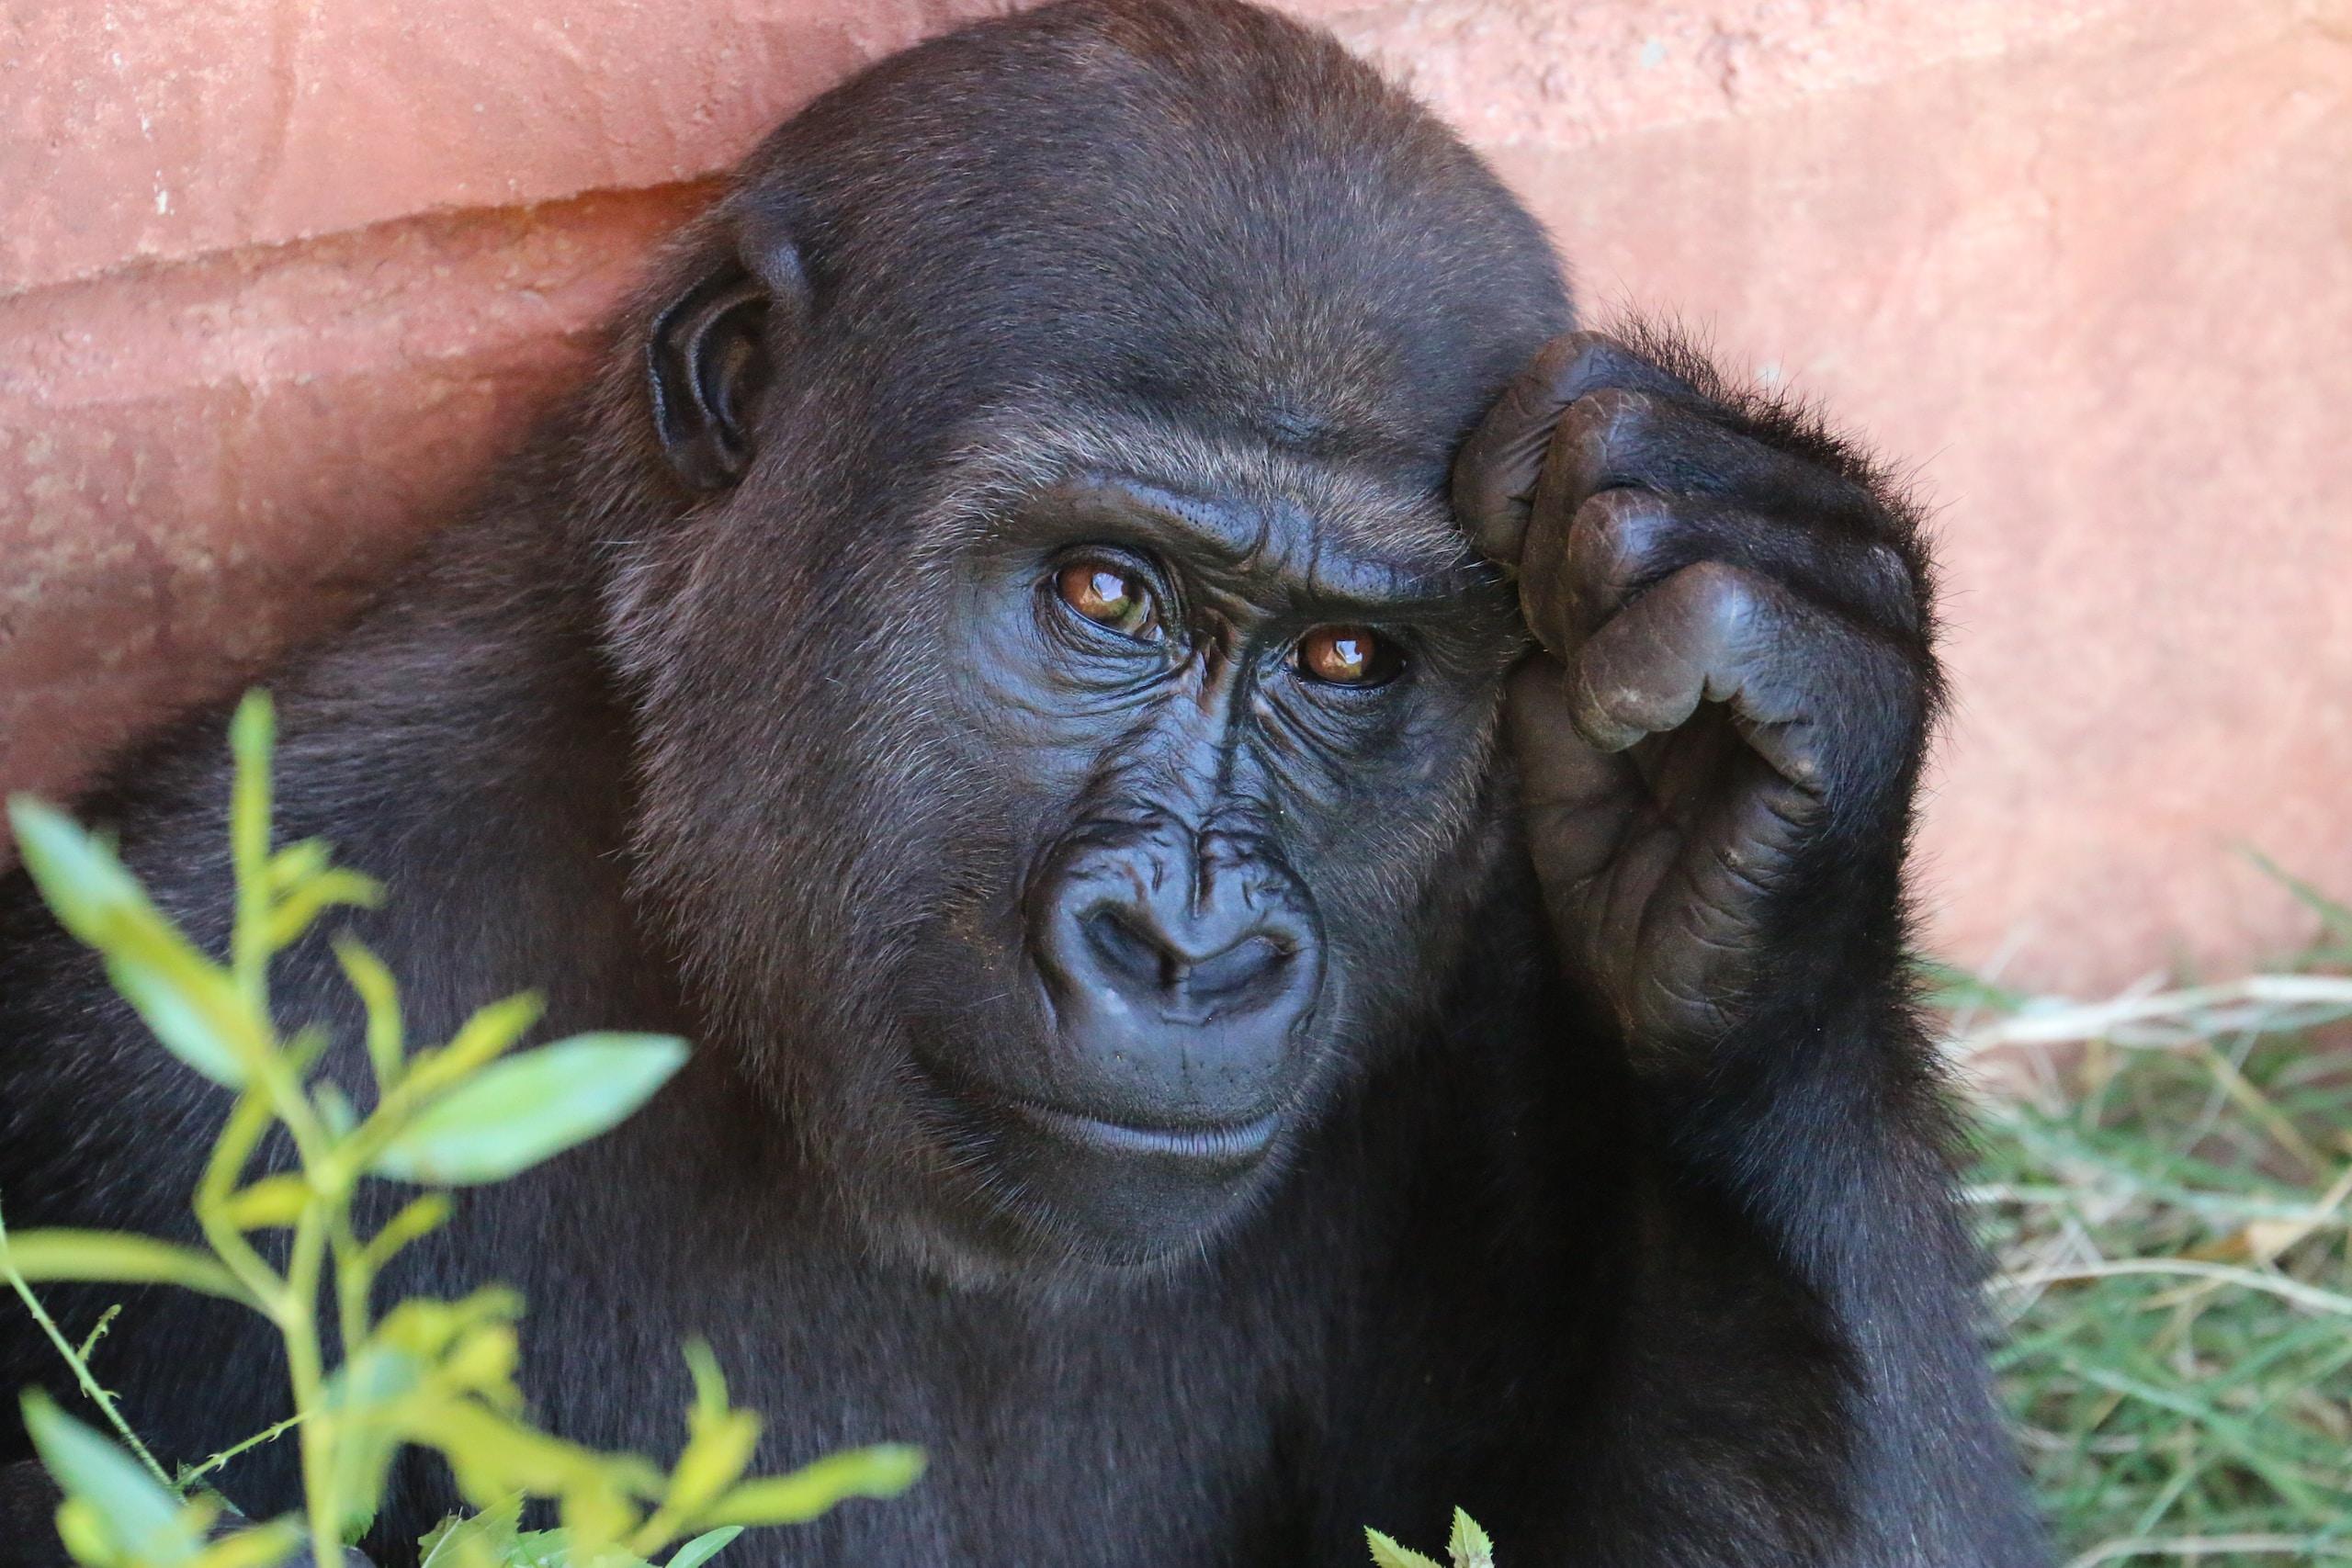 Gorilla, penis size, animals